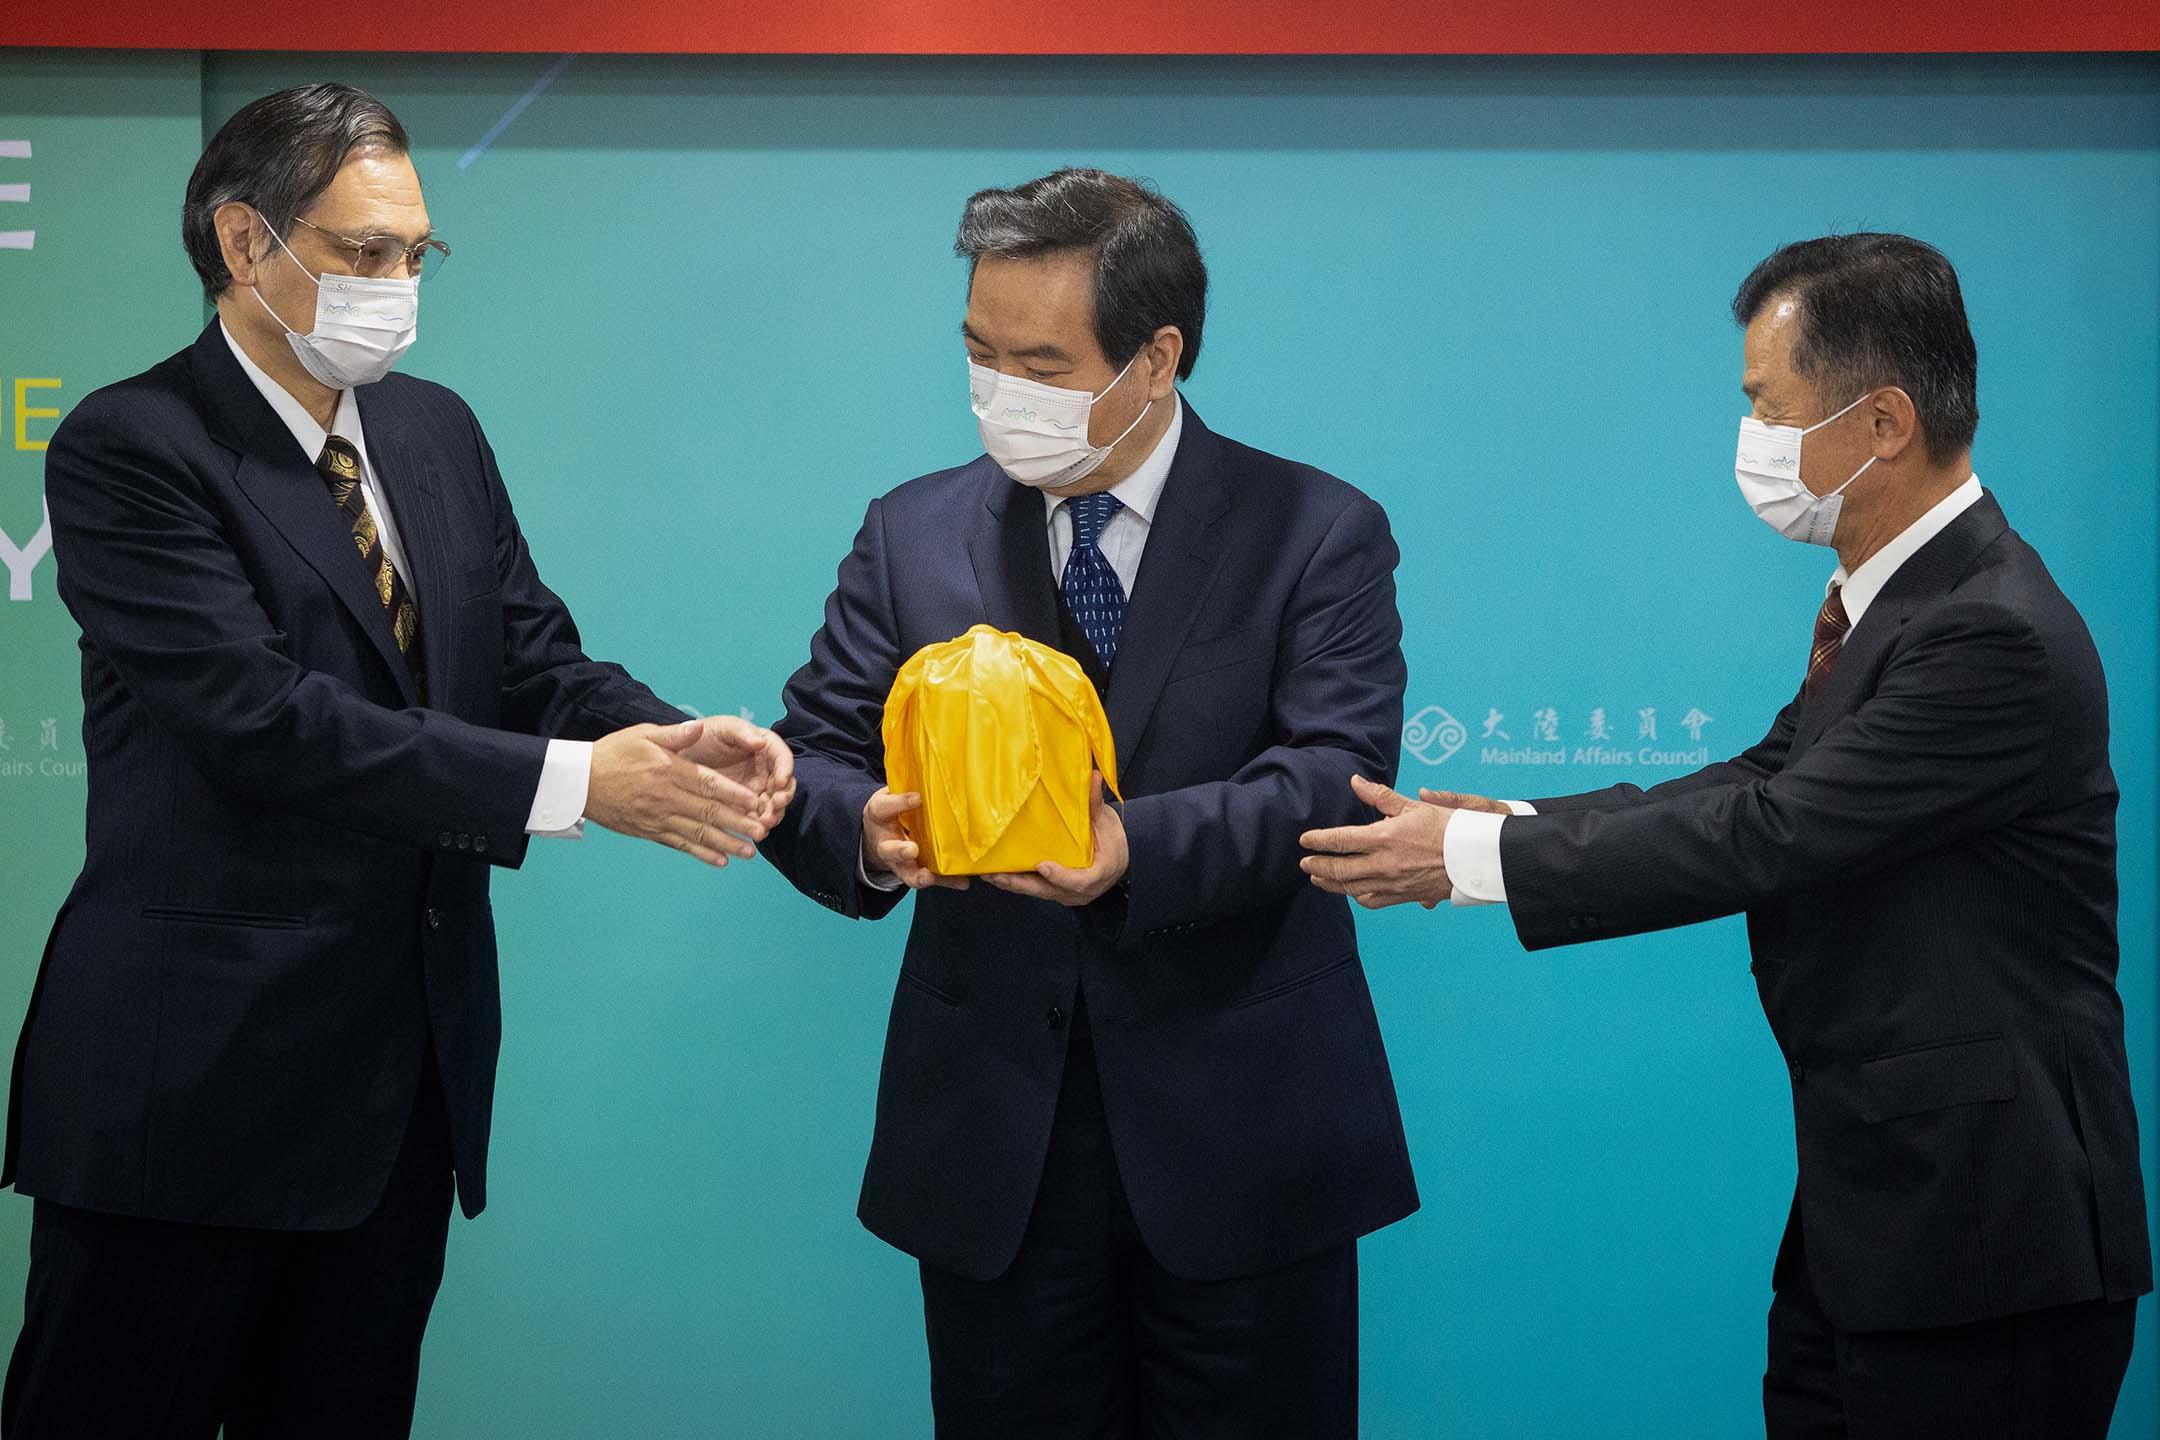 2021年2月23日台北,陸委會舉行主任委員交接典禮,左起陳明通、羅秉成及邱太三。